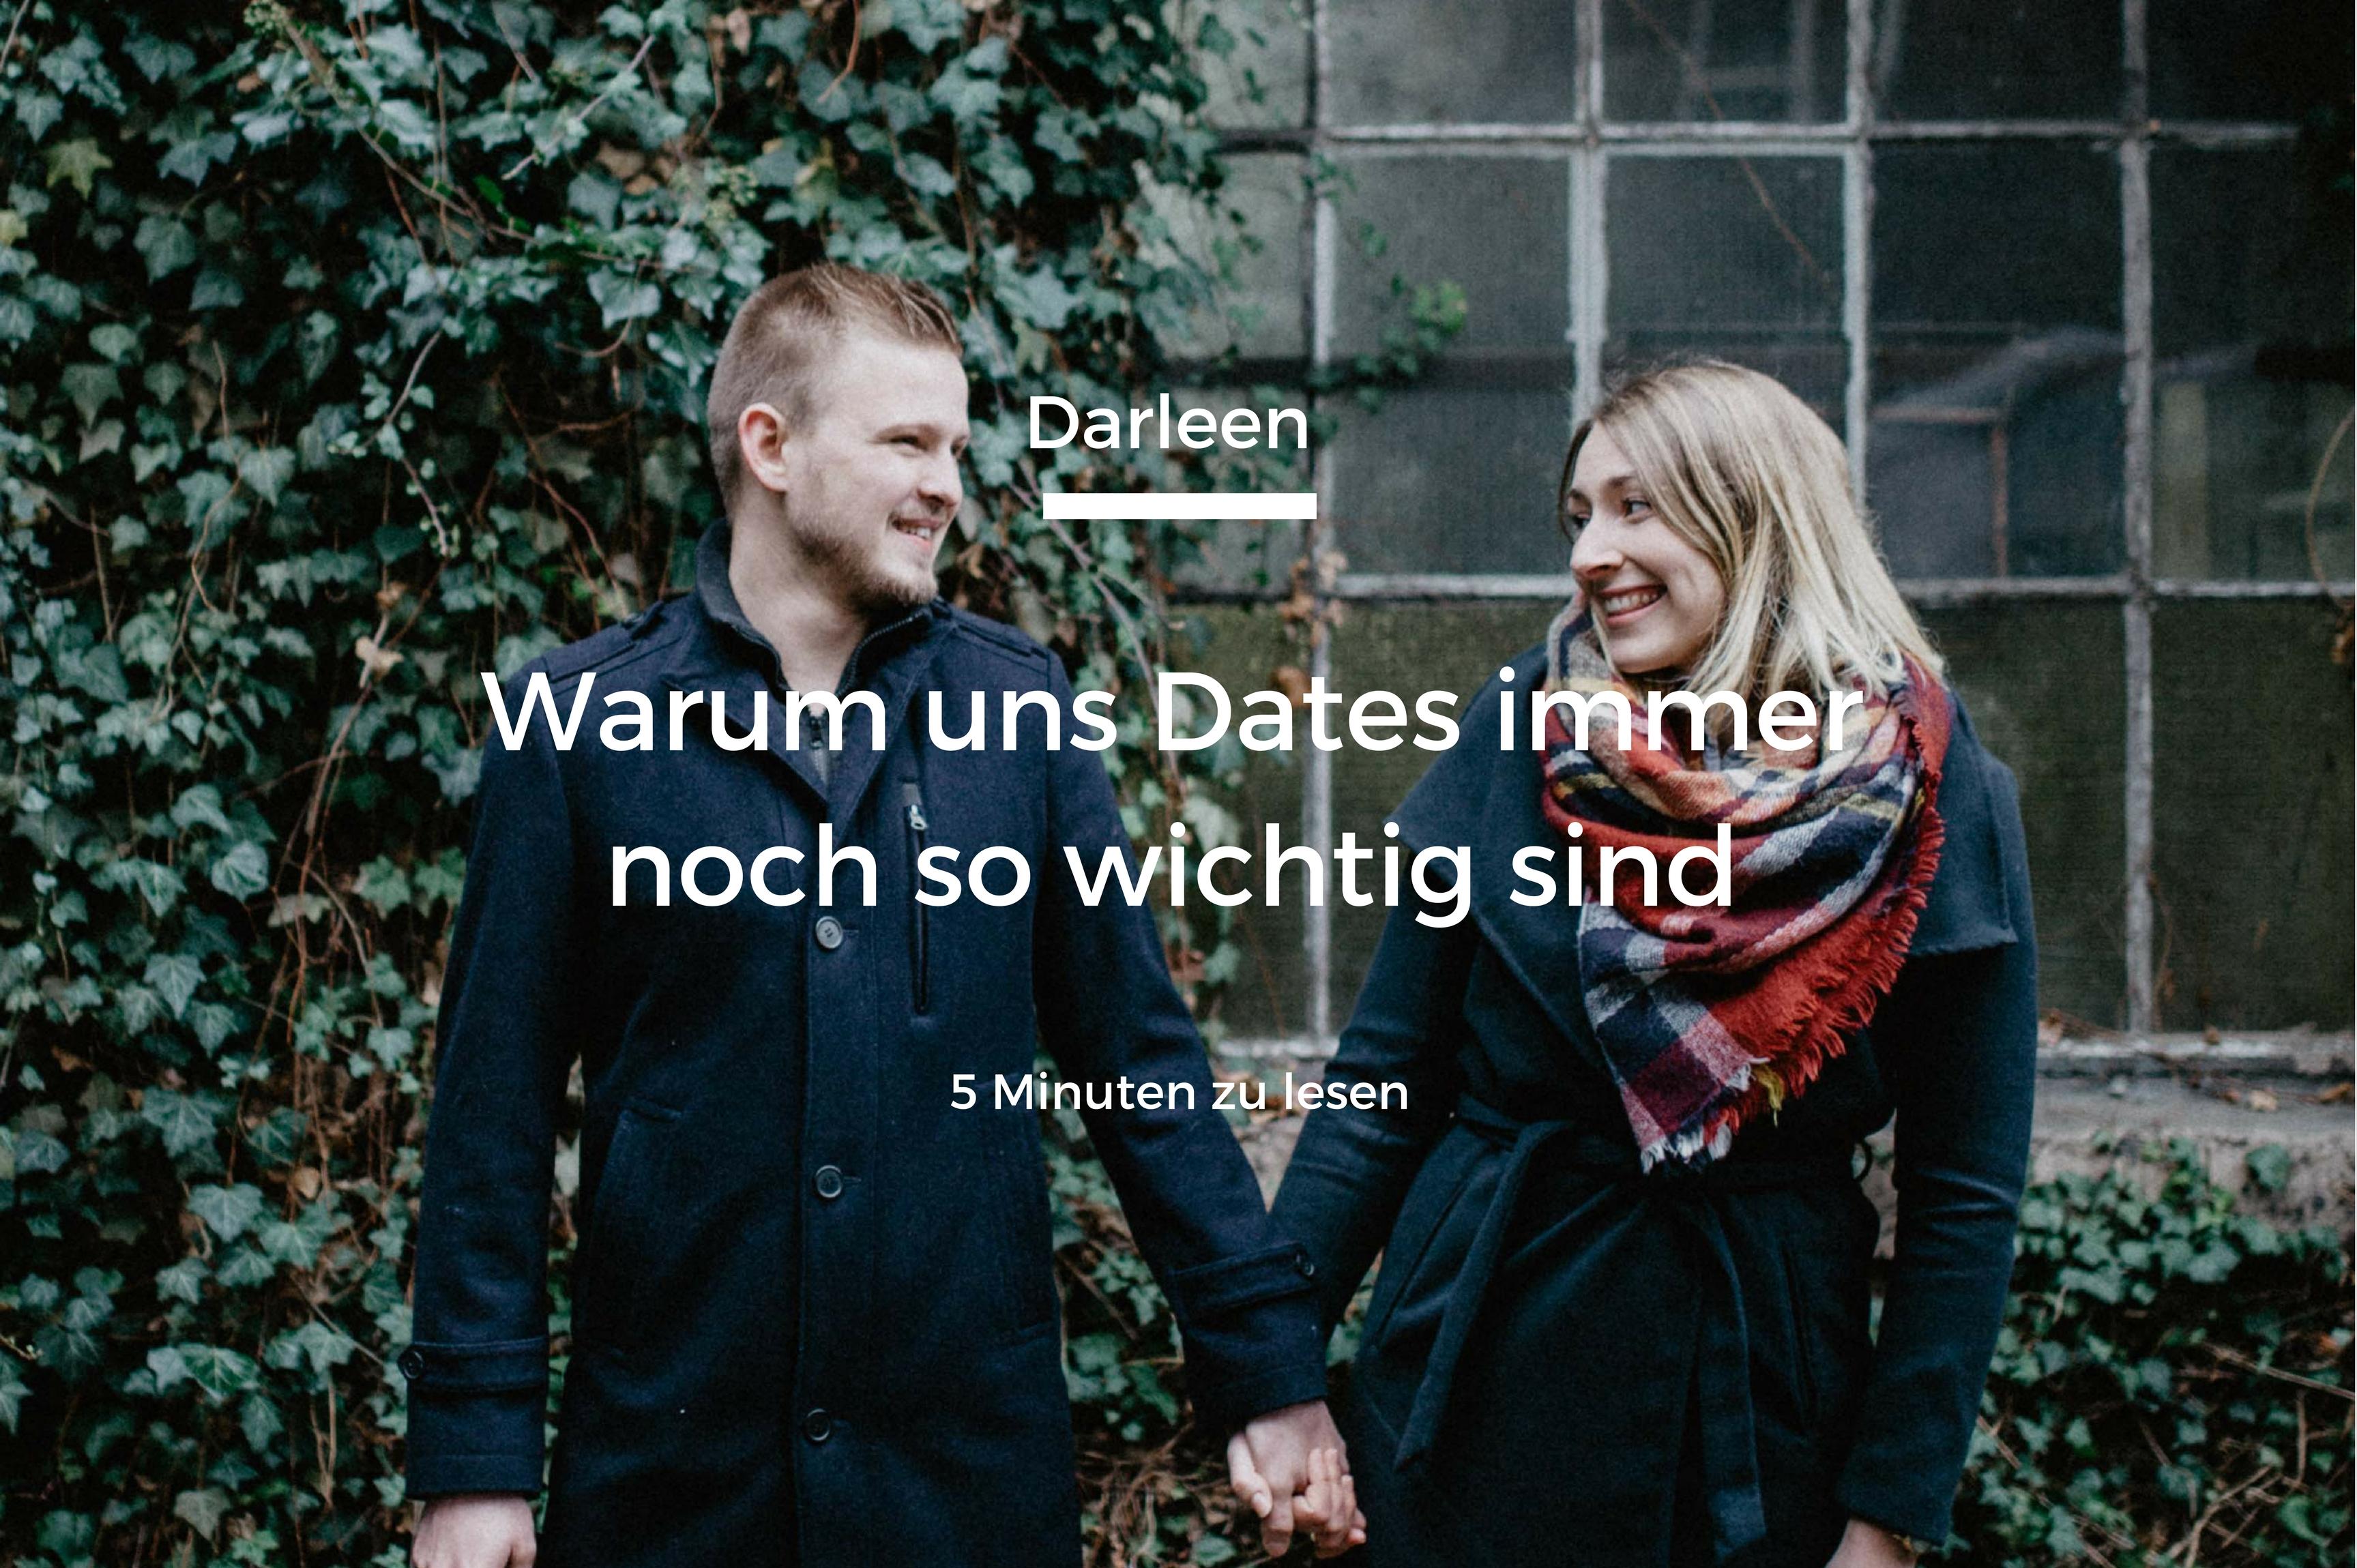 Dating Paarung und Ehe